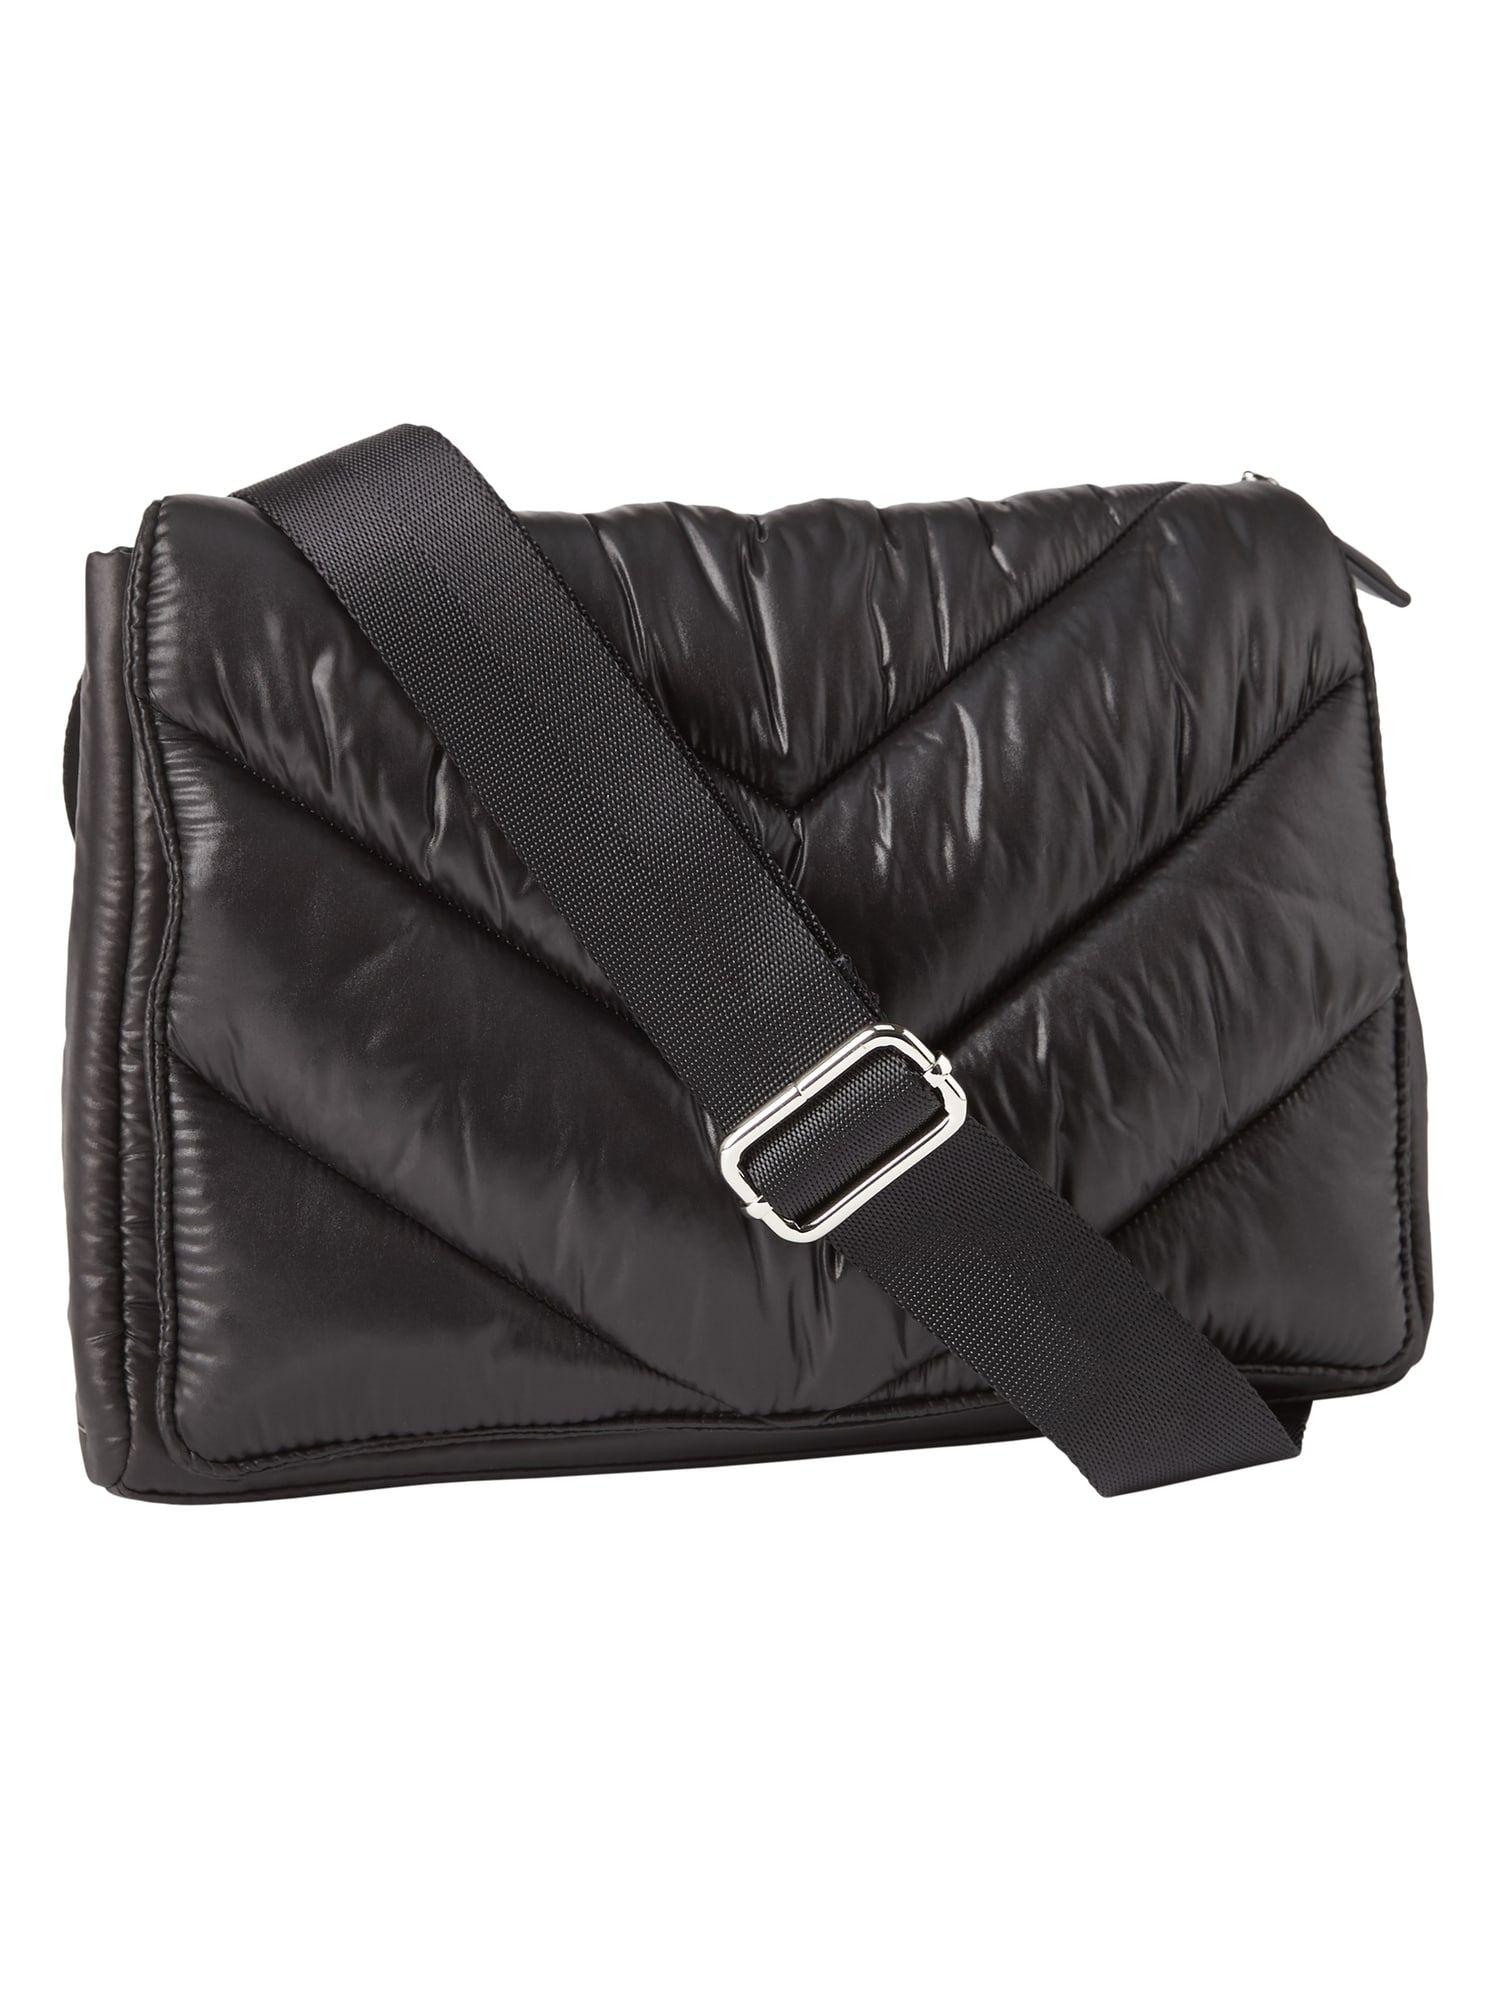 fae6b113268ca Caraa x Athleta Crossbody Bag